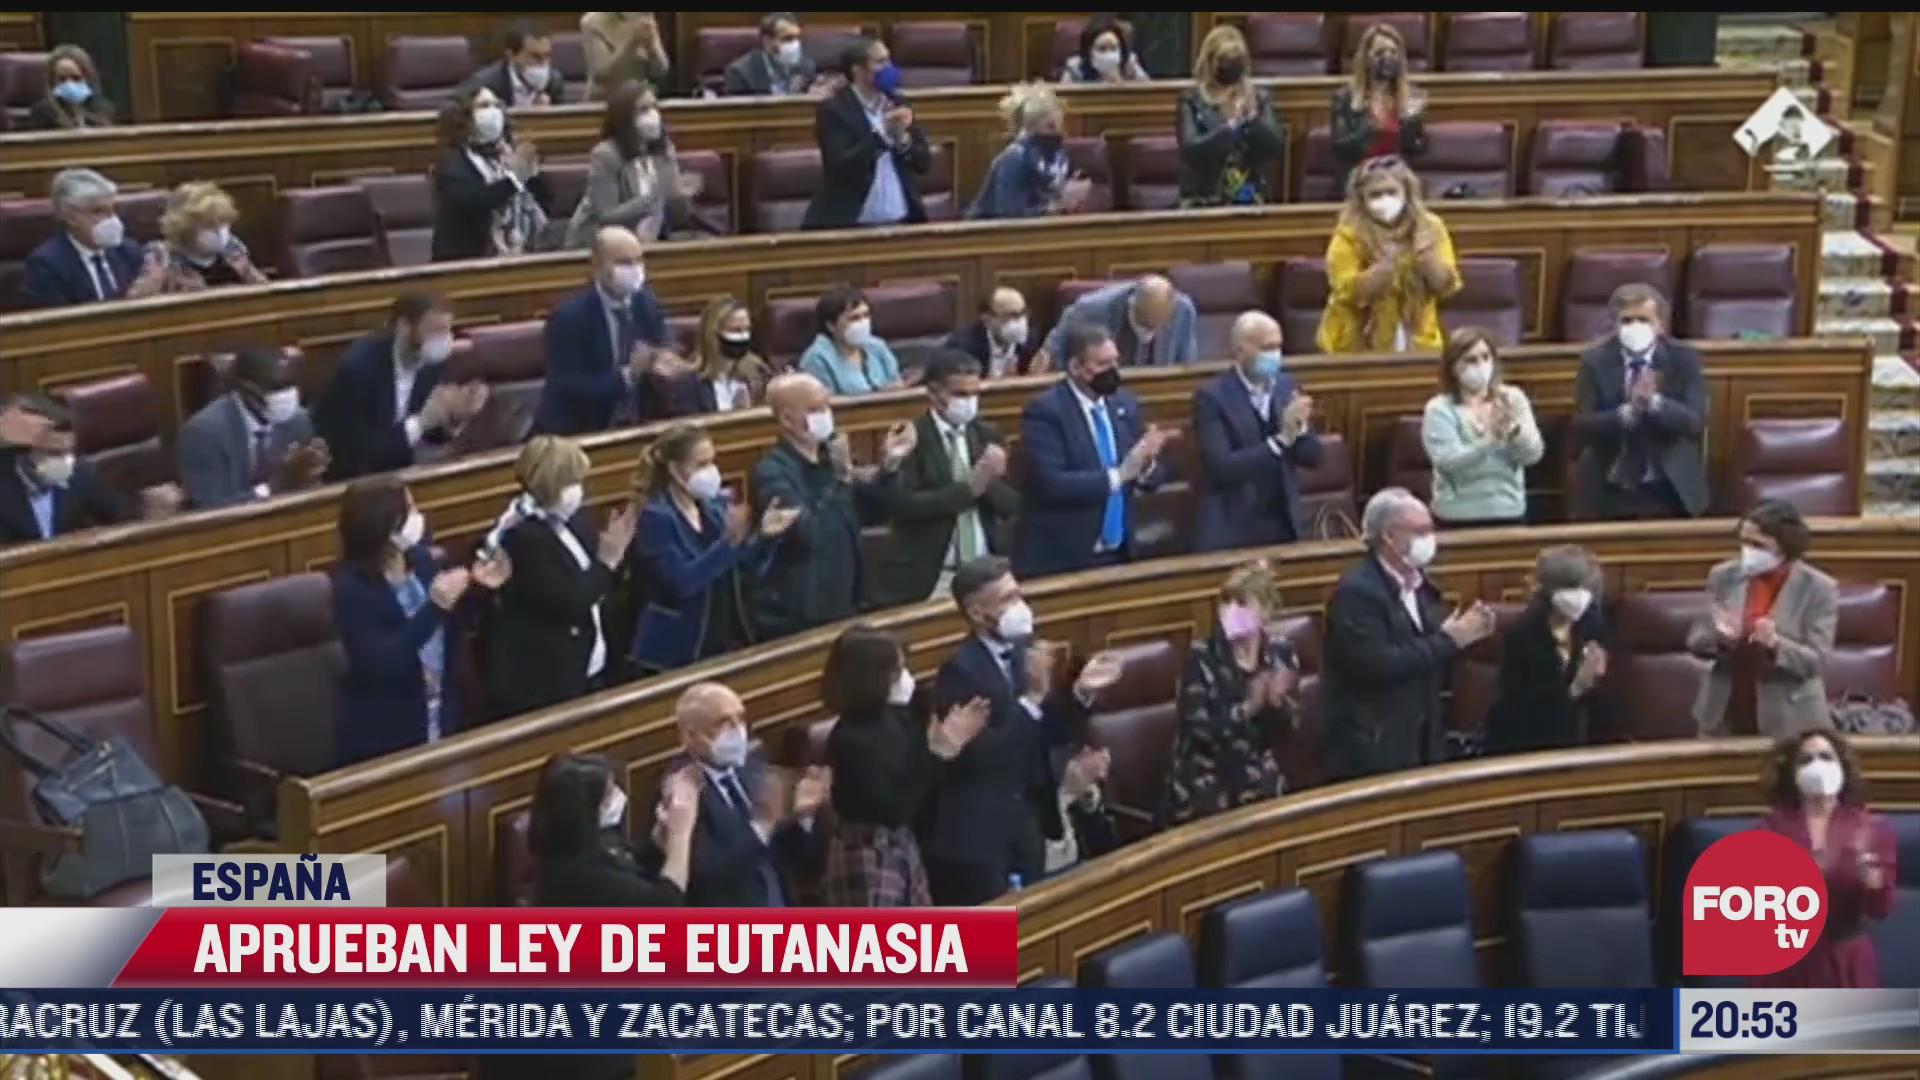 aprueban ley de eutanasia en espana